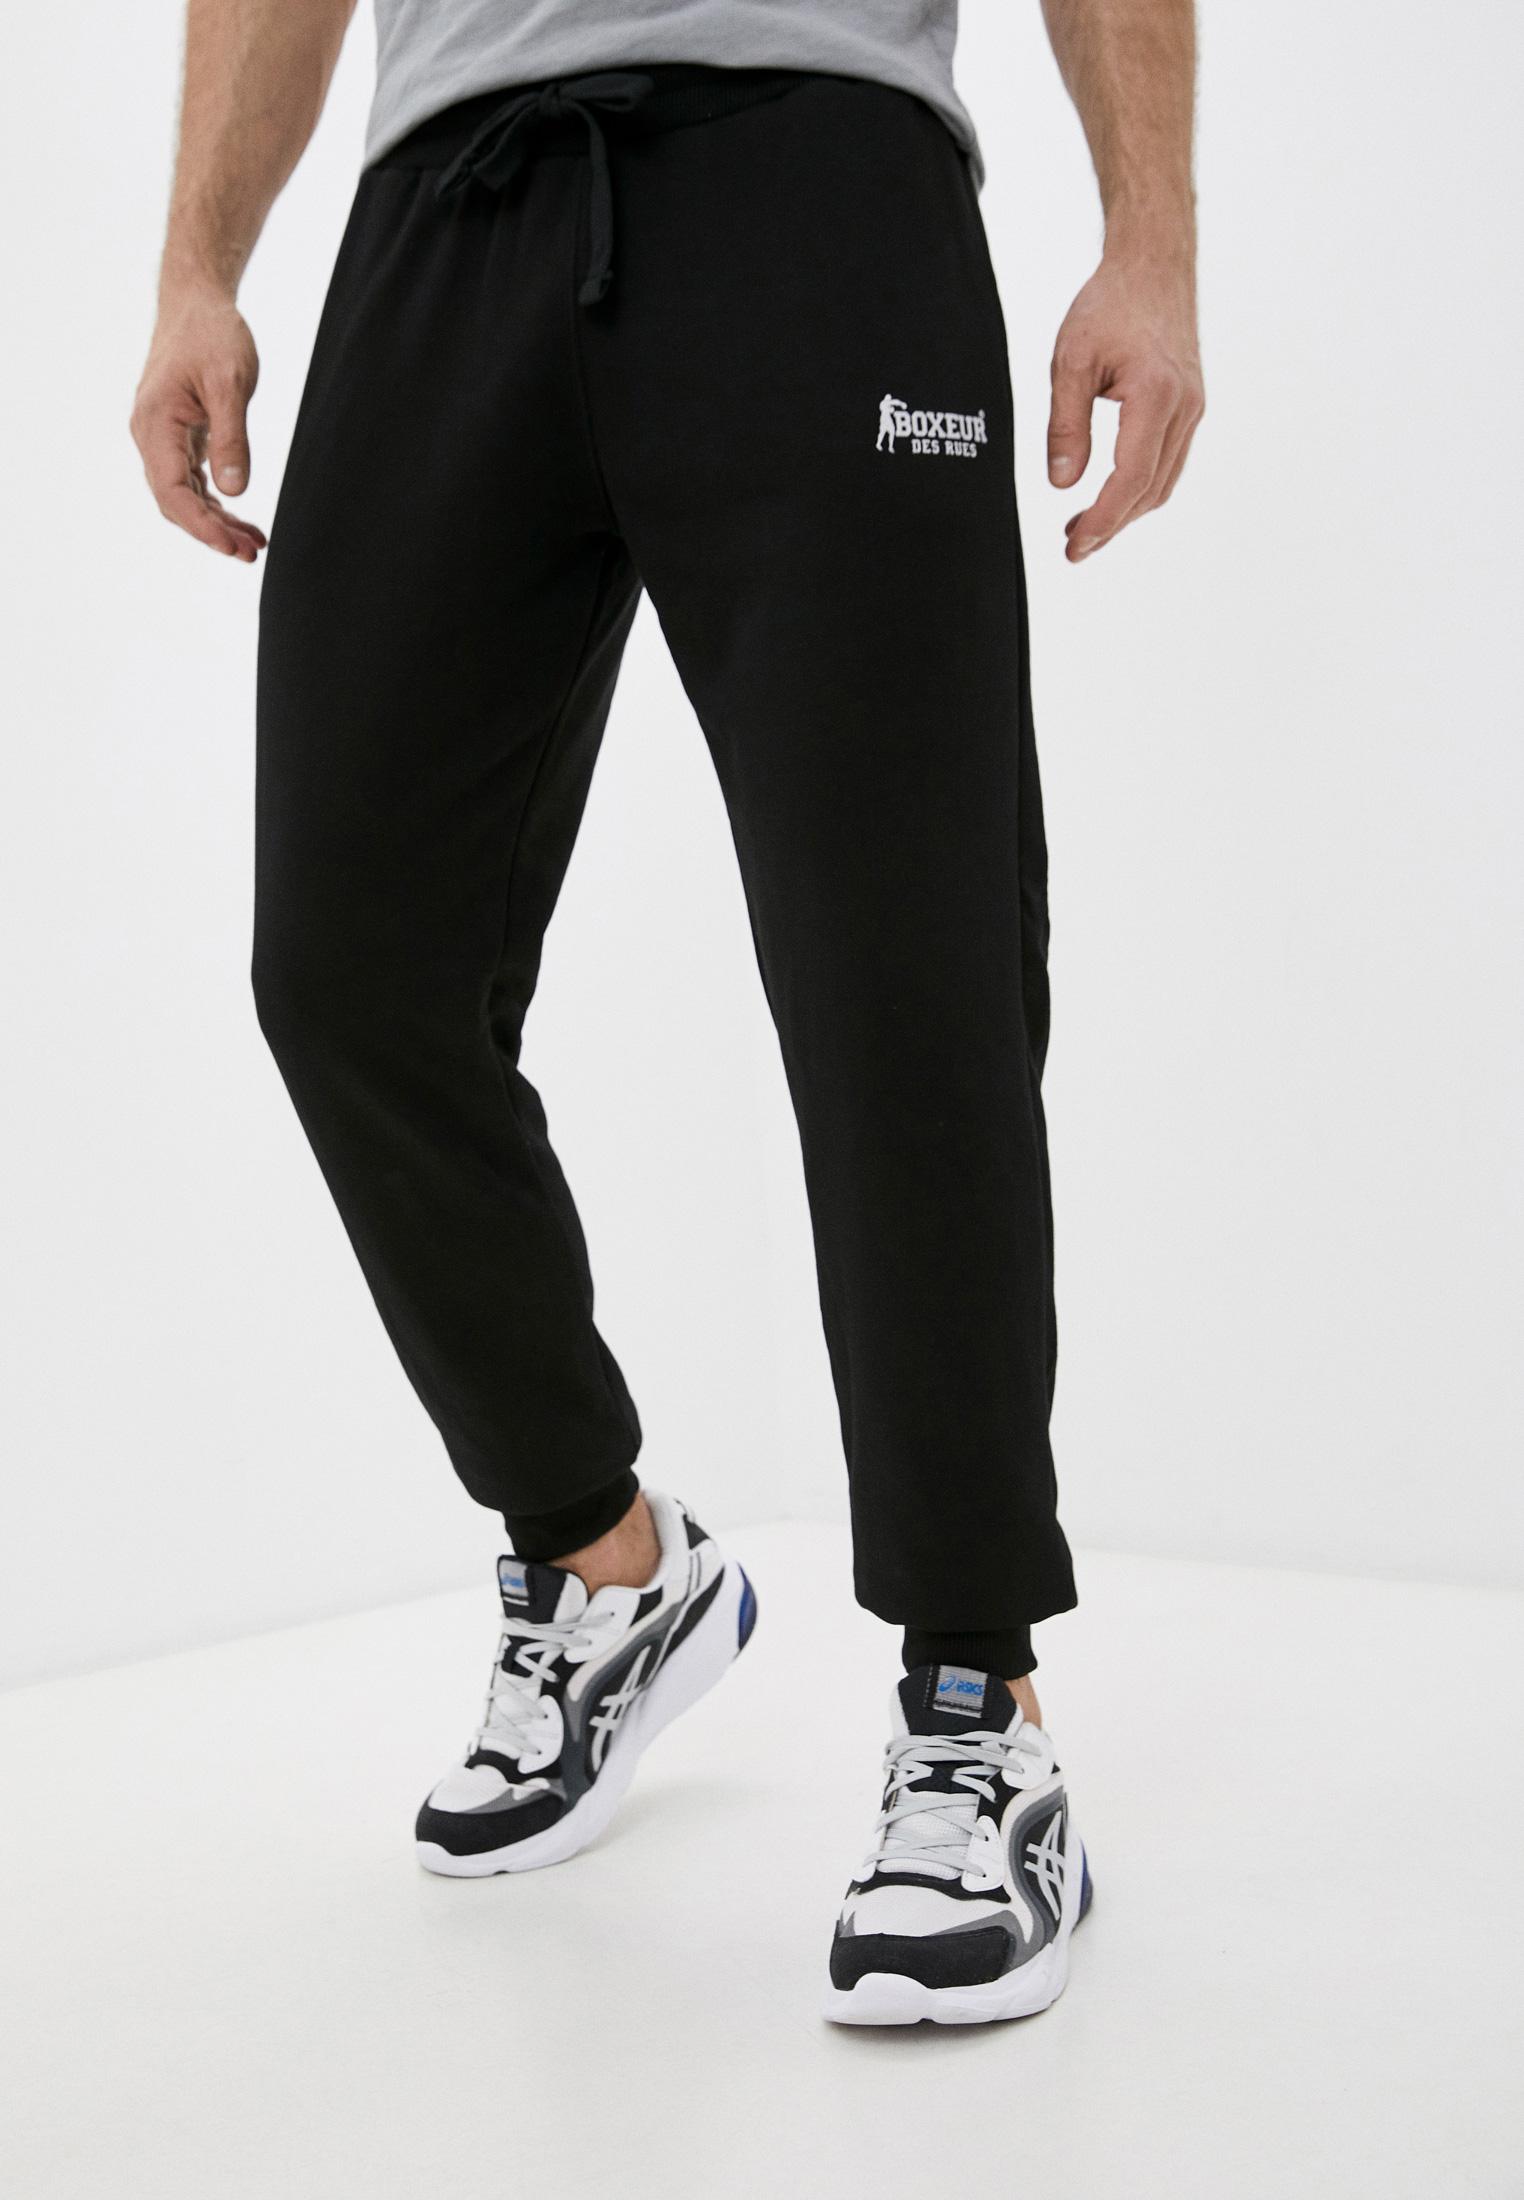 Мужские спортивные брюки Boxeur Des Rues Брюки спортивные Boxeur Des Rues